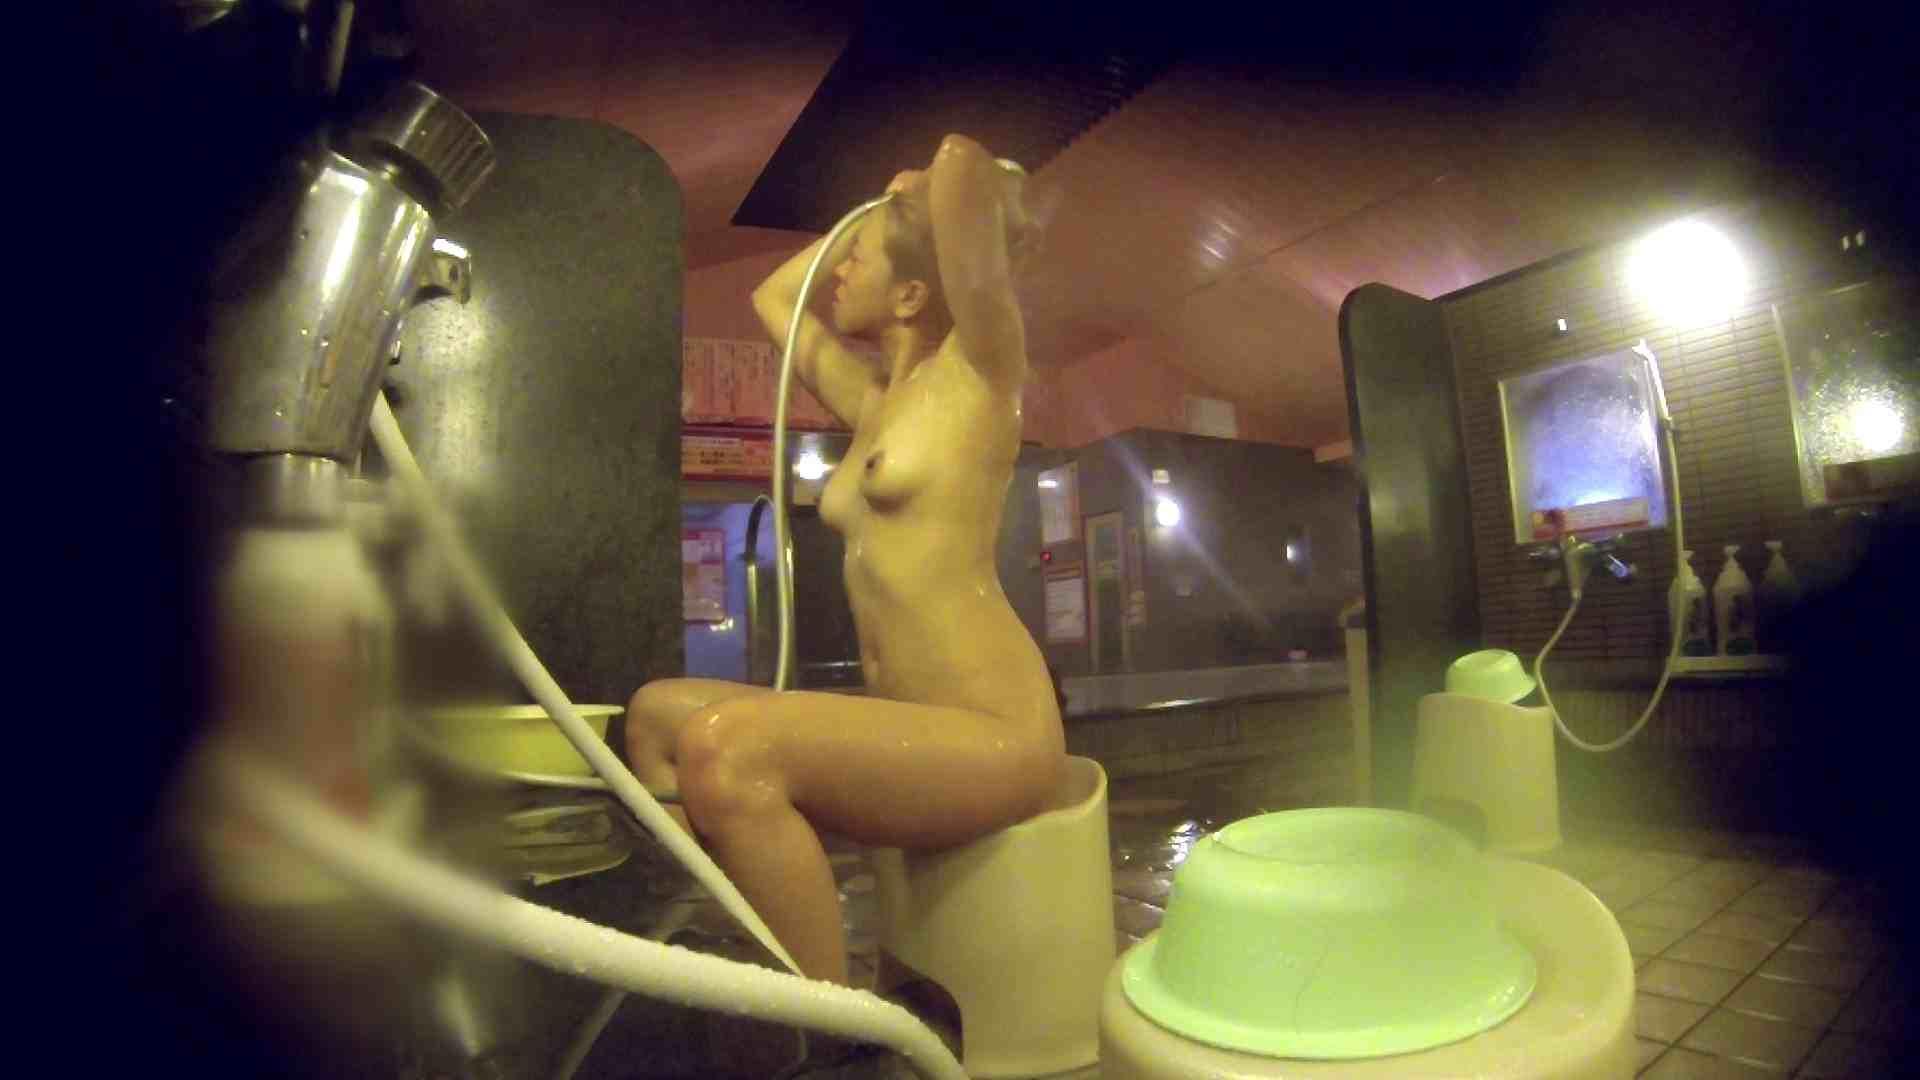 洗い場!意外に今までいなかった金髪ギャル 銭湯事情 エロ画像 94枚 71